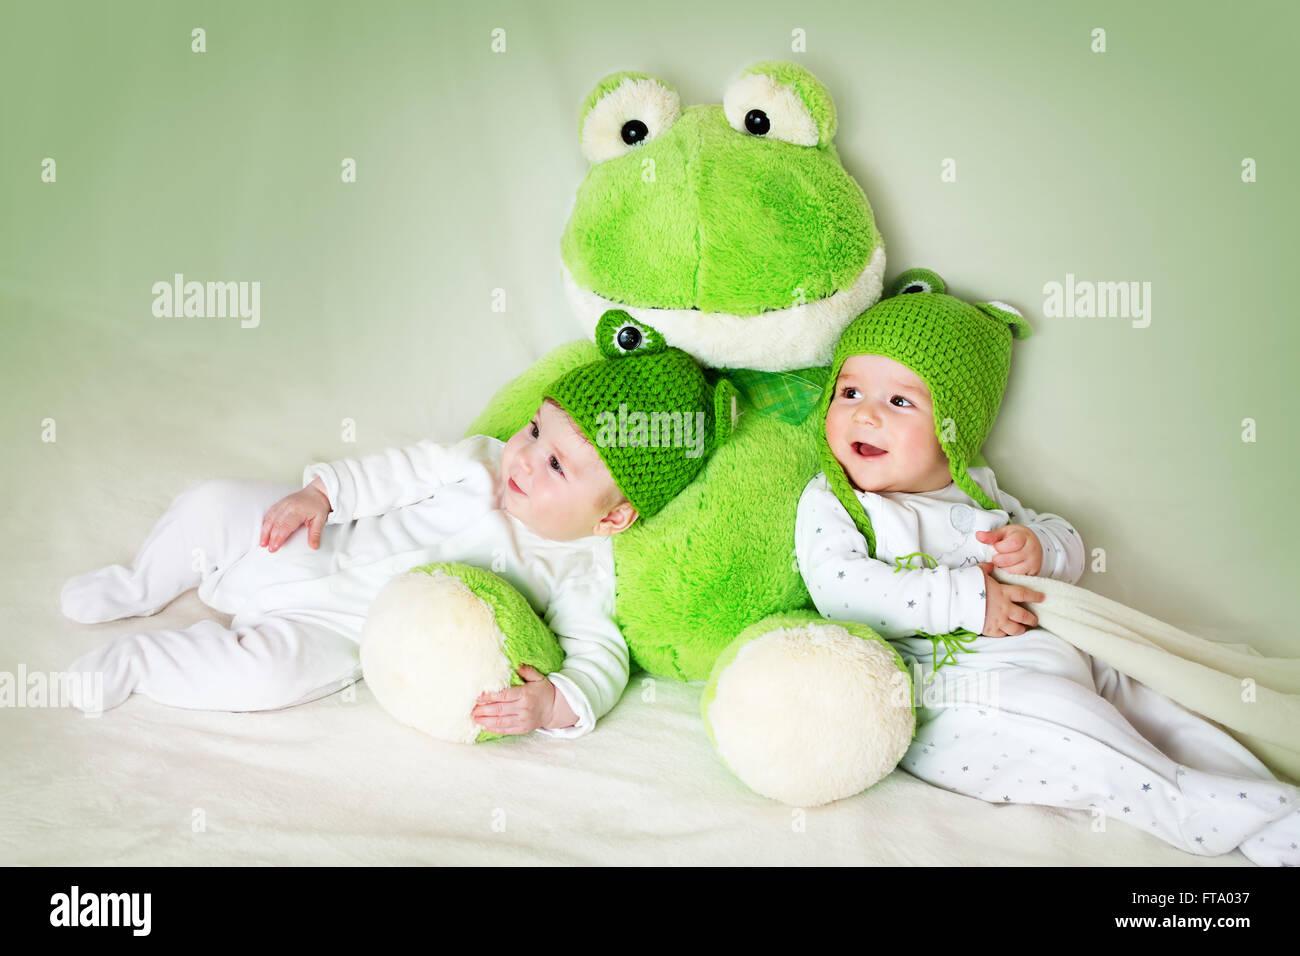 Deux bébés mignons grenouille en peluche avec chapeaux Banque D'Images